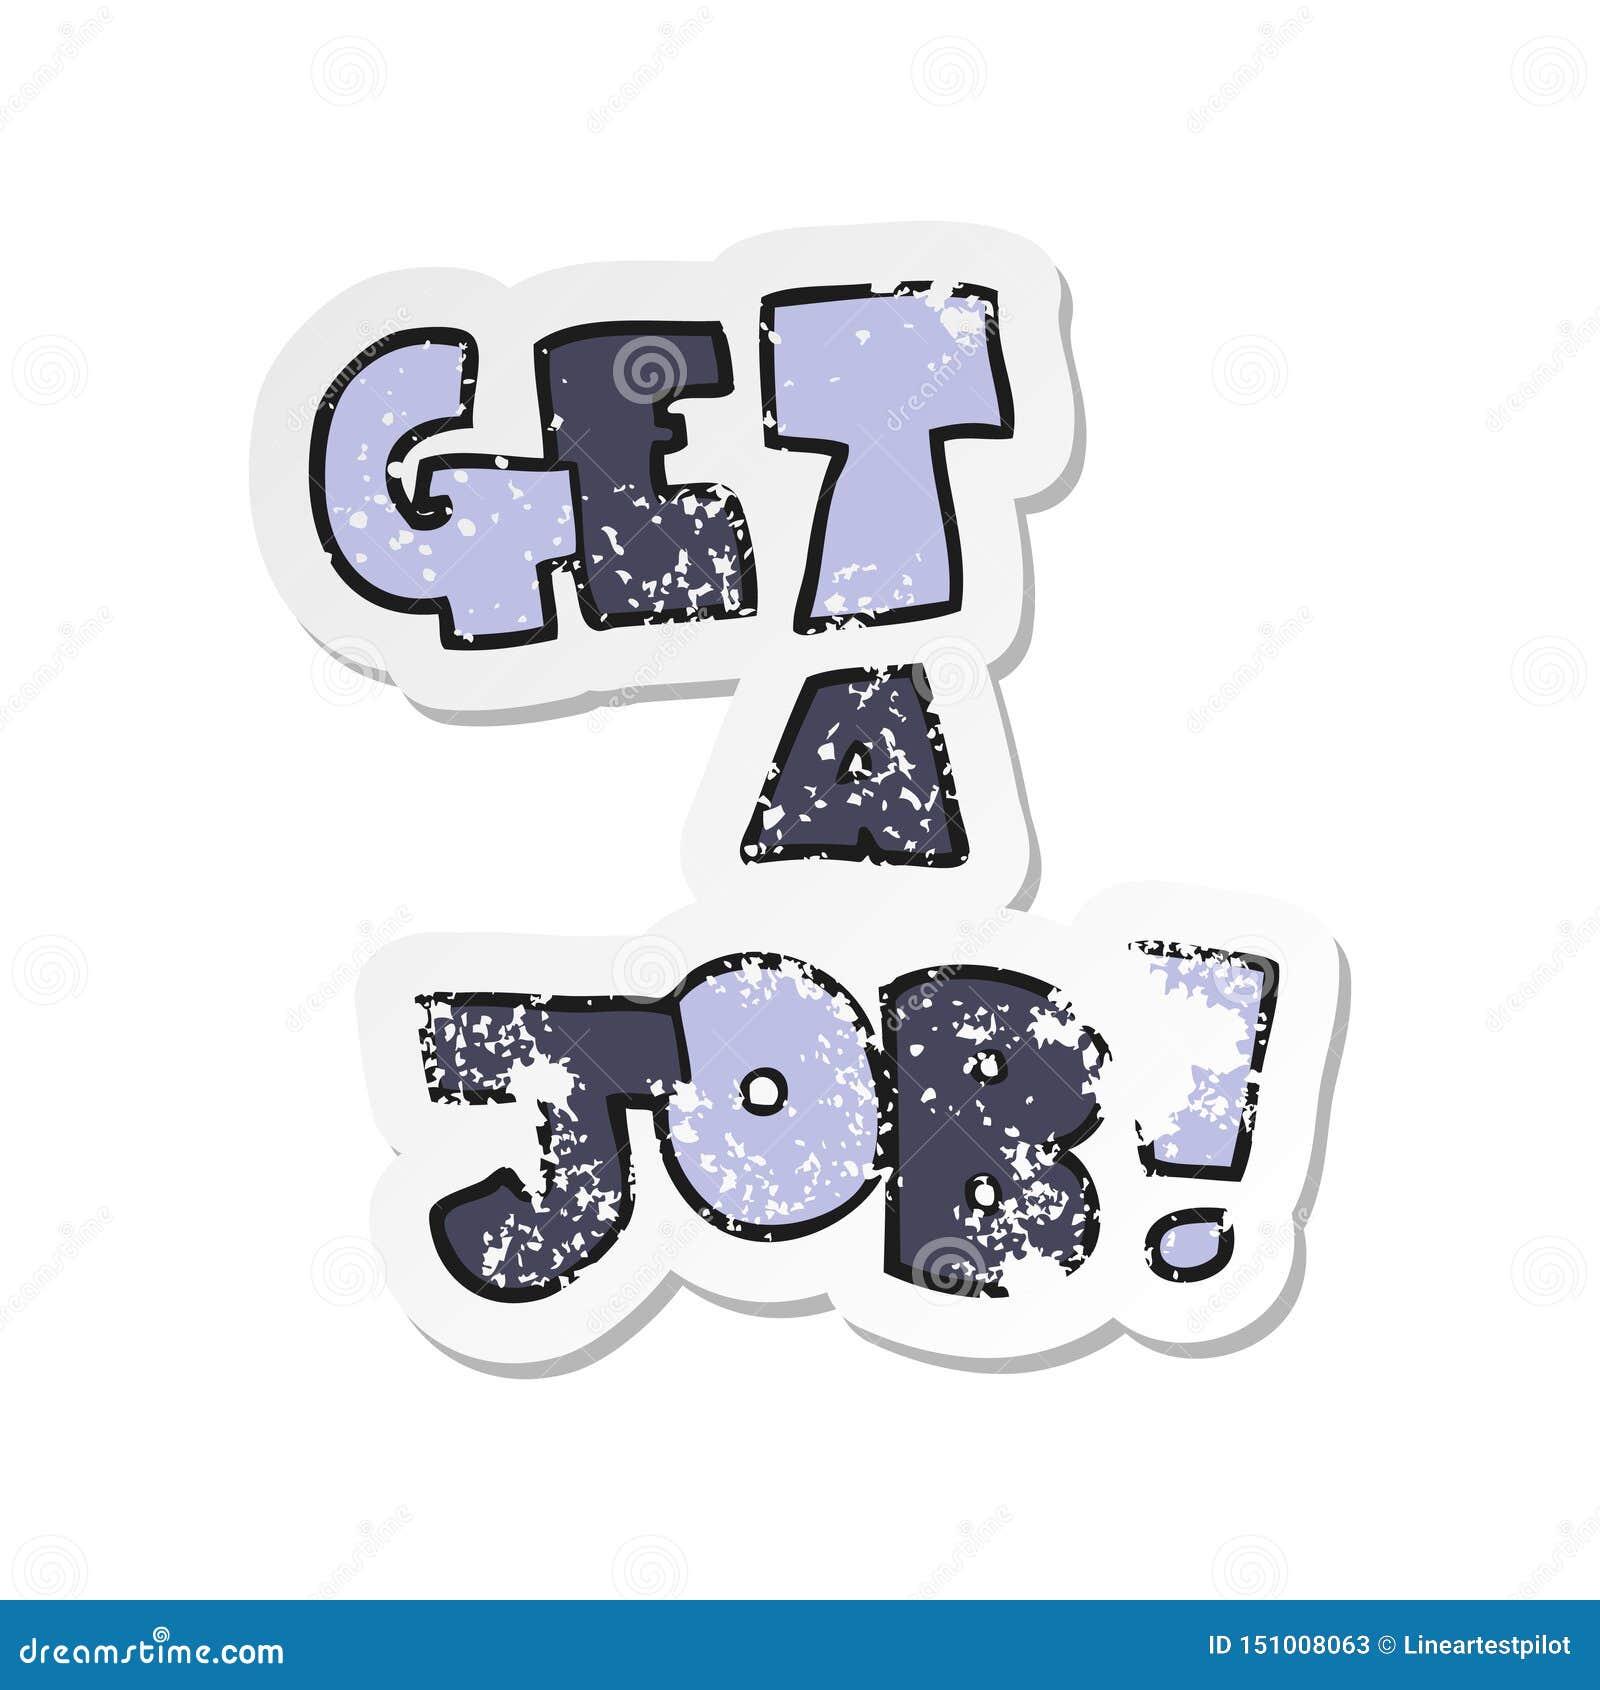 A creative retro distressed sticker of a cartoon Get A Job symbol